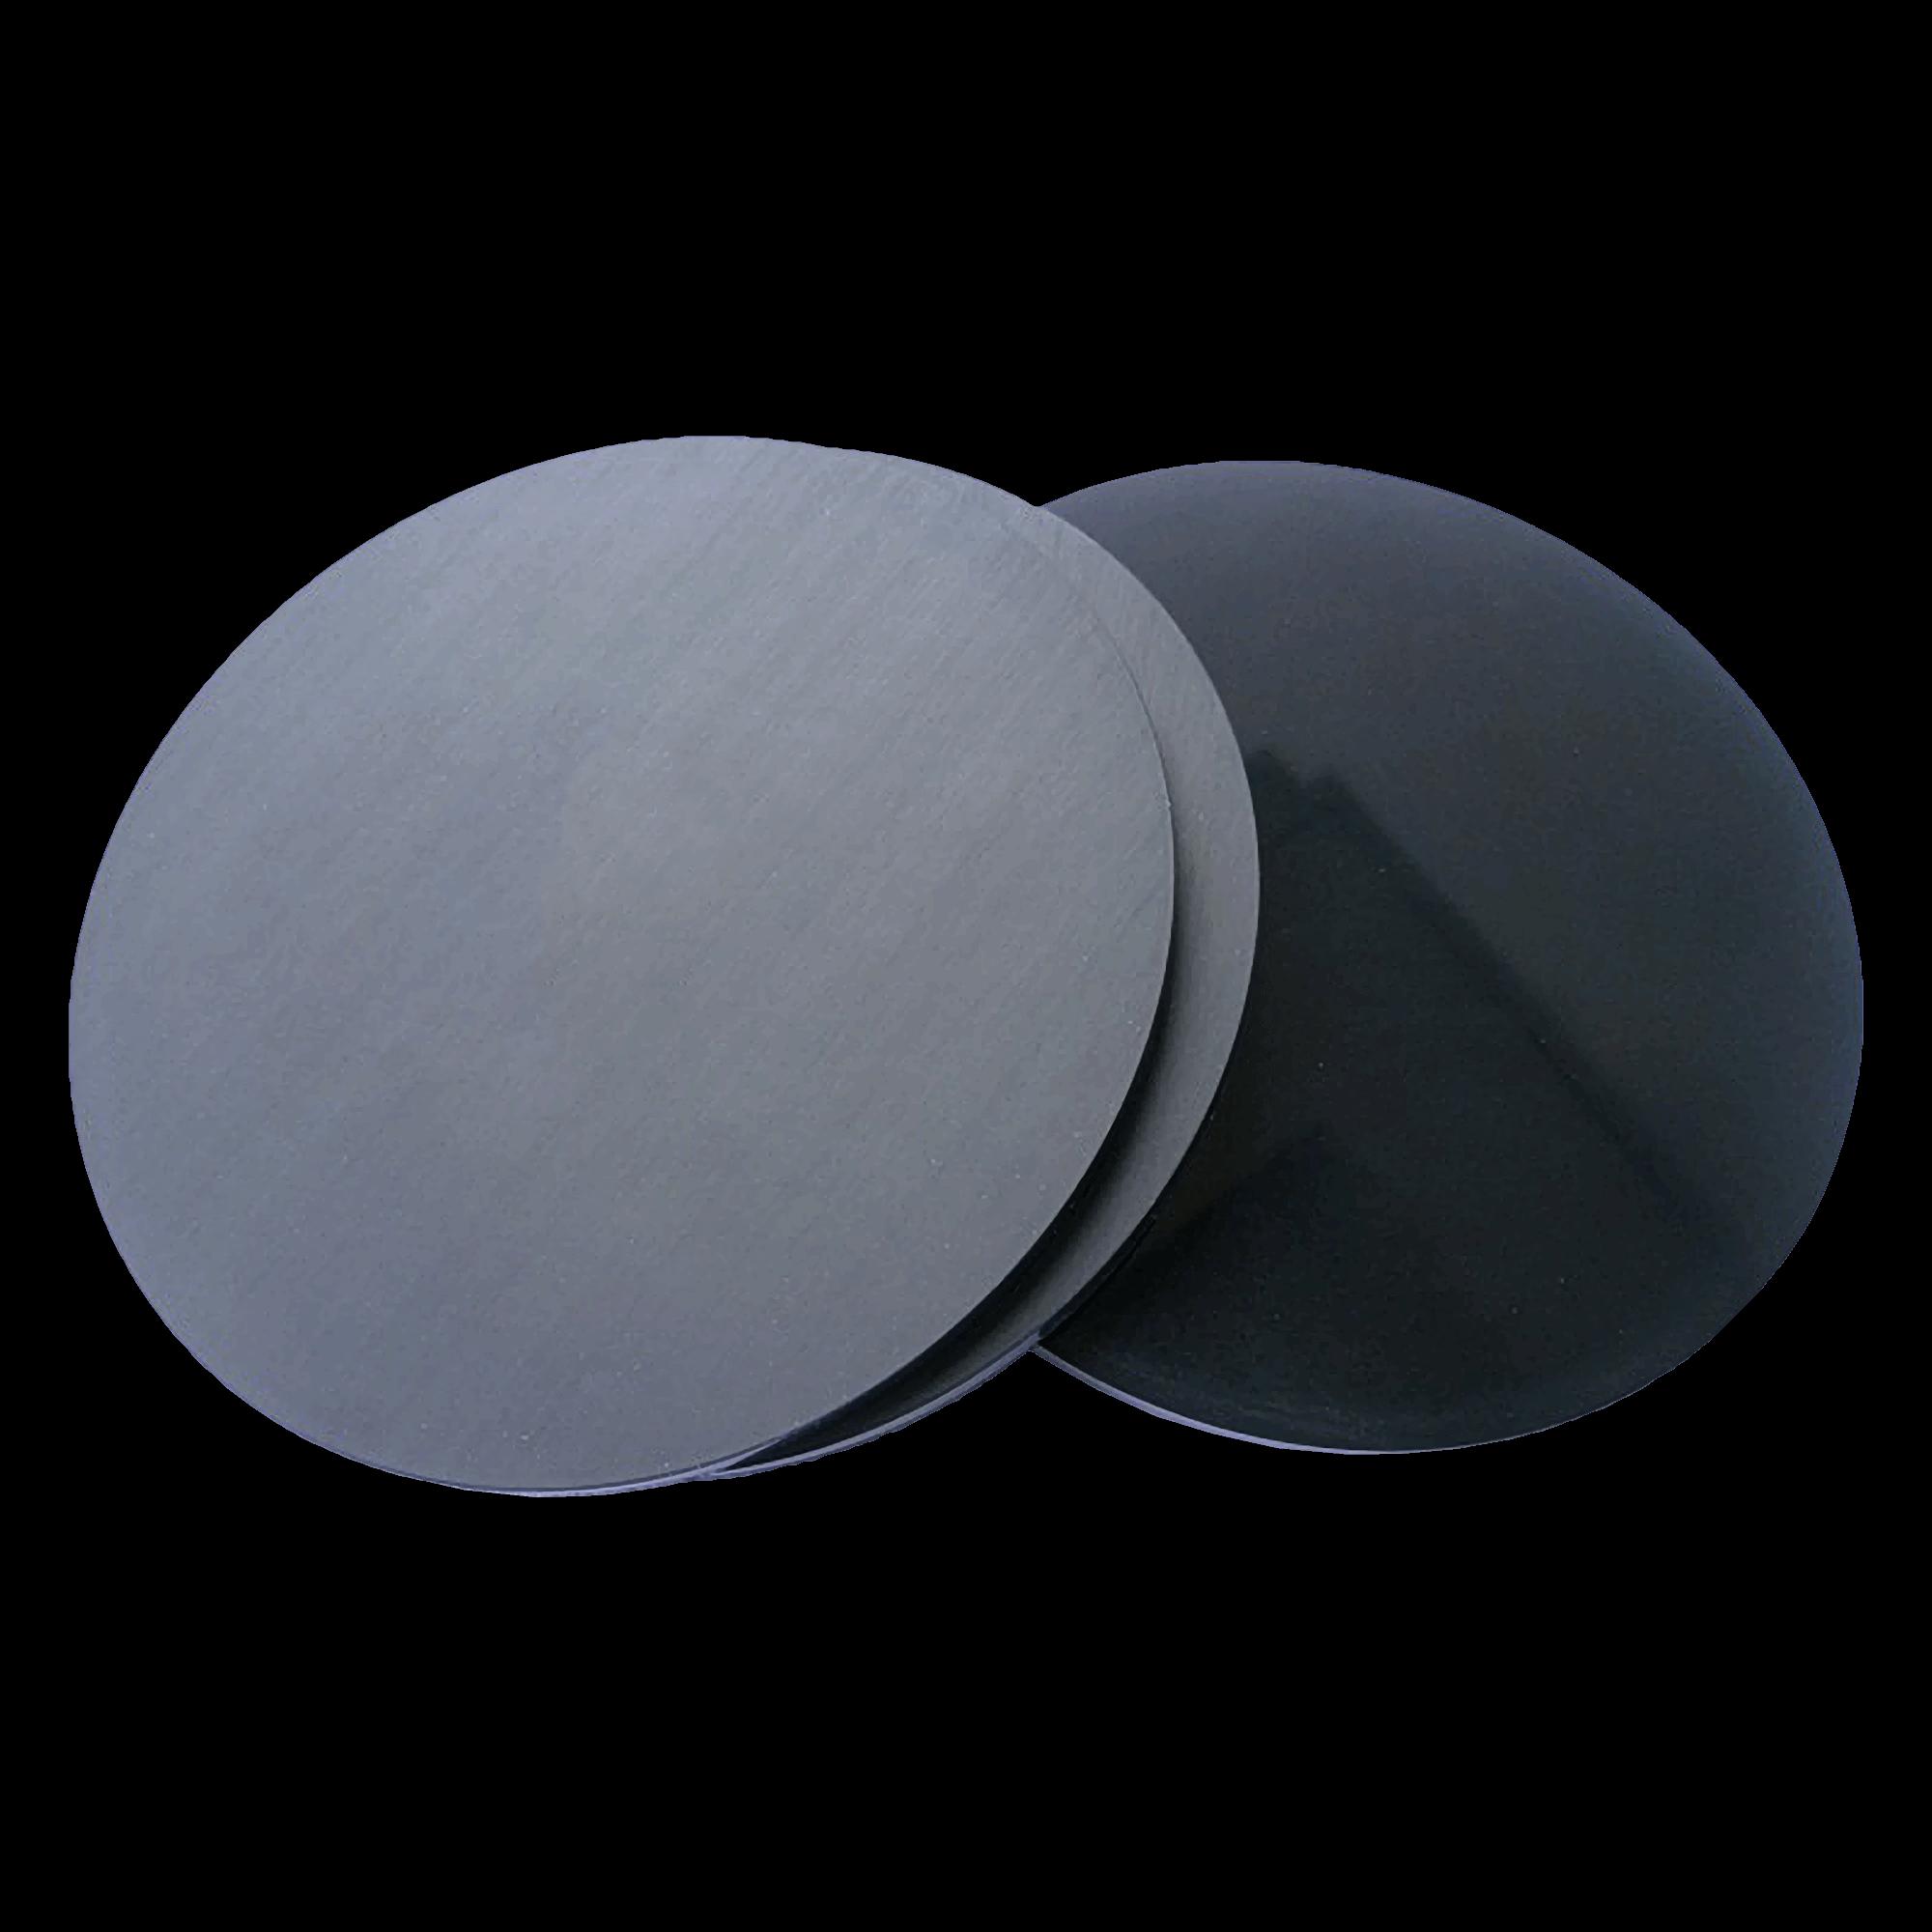 Samm Teknoloji - PR5X-500-70 Parlatma pad (3adet/set), 70 Shore, 127mm